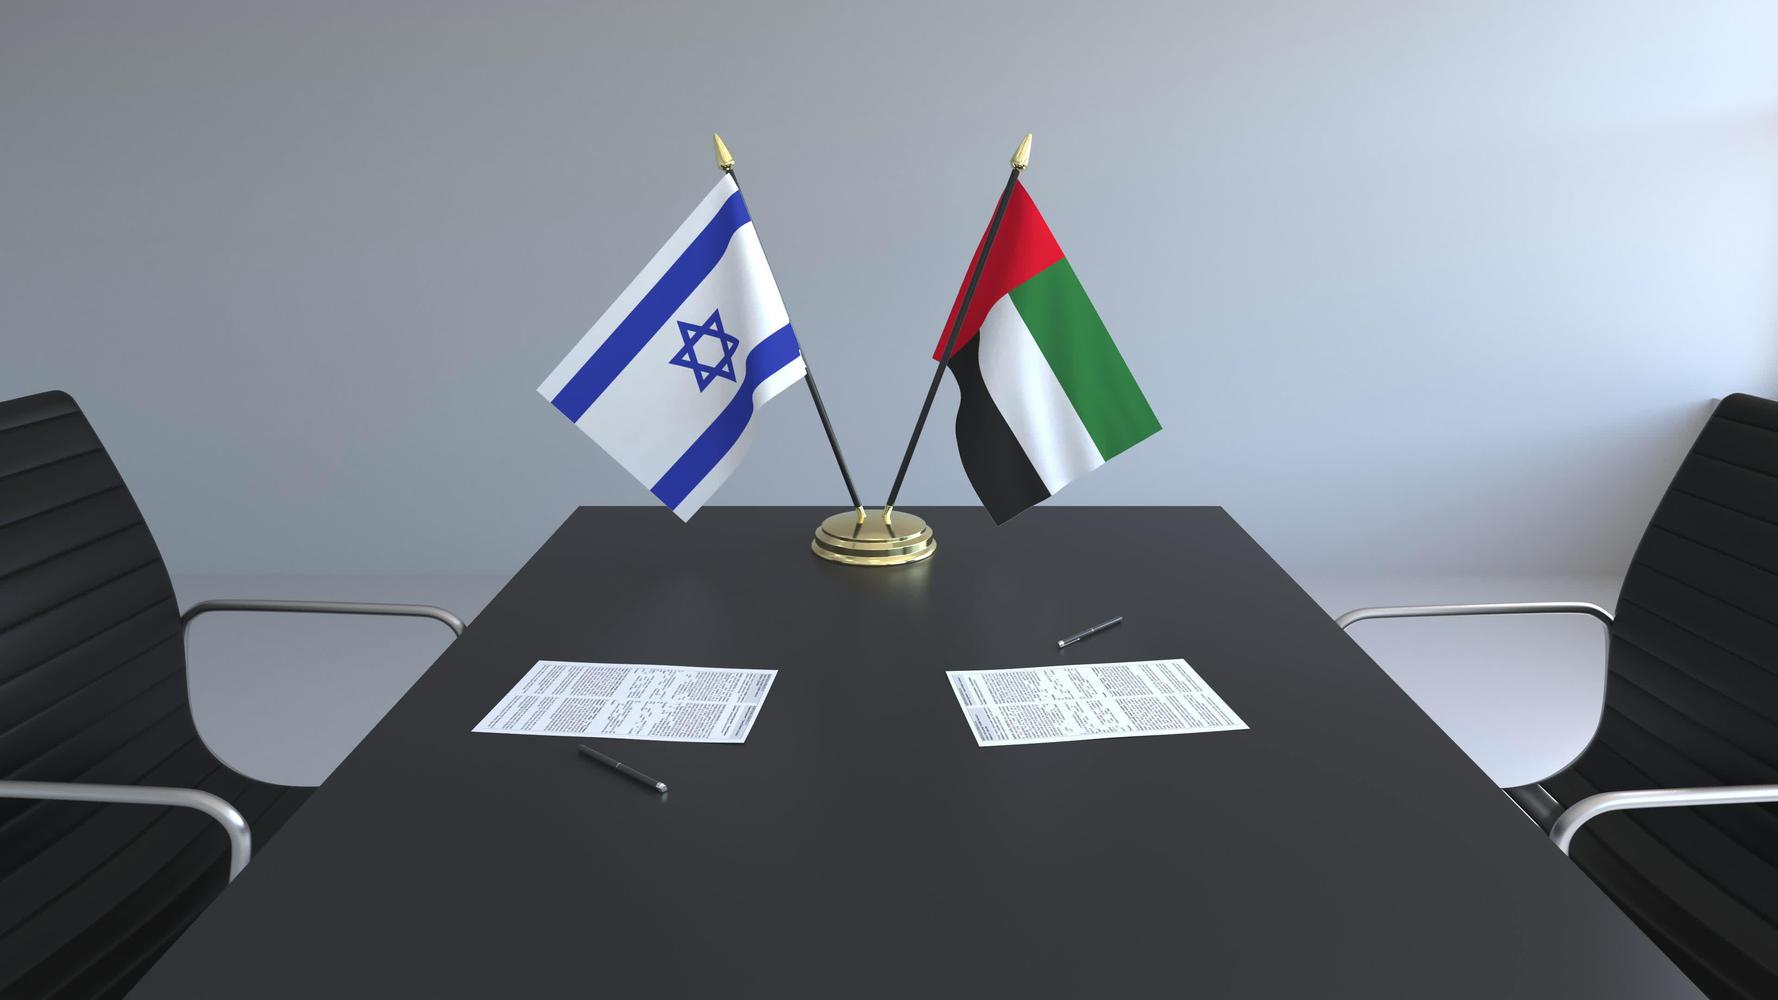 Nouvelle étape vers la normalisation: les Emirats Arabes Unis abrogent la loi de boycott d'Israël - © Infos-Israel.News - Sté Alyaexpress-News